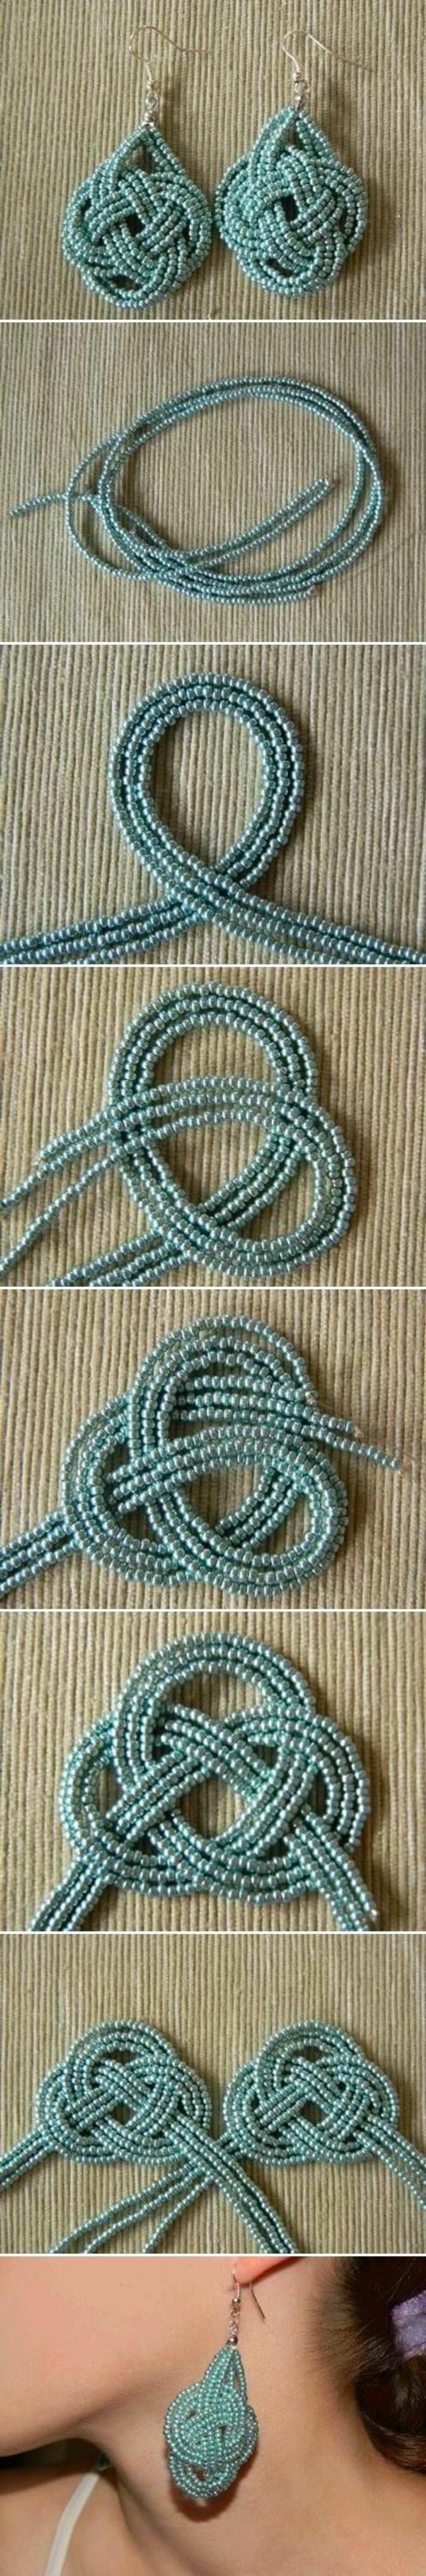 fabriquer des boucles d'oreilles noeuds perlés avec des perles bleues et du fil de pêche